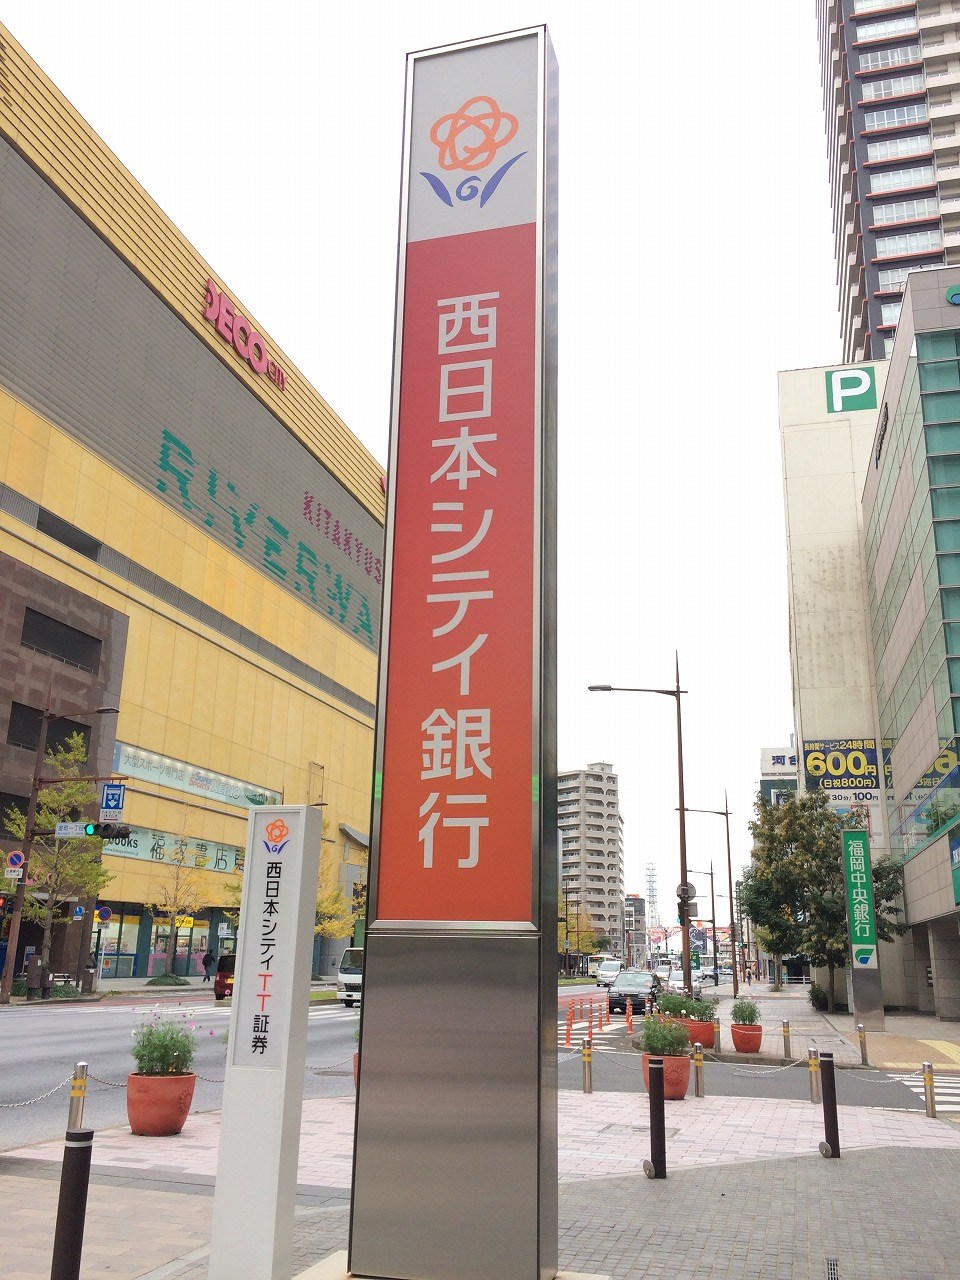 銀行:西日本シティ銀行 北九州総合病院 1369m